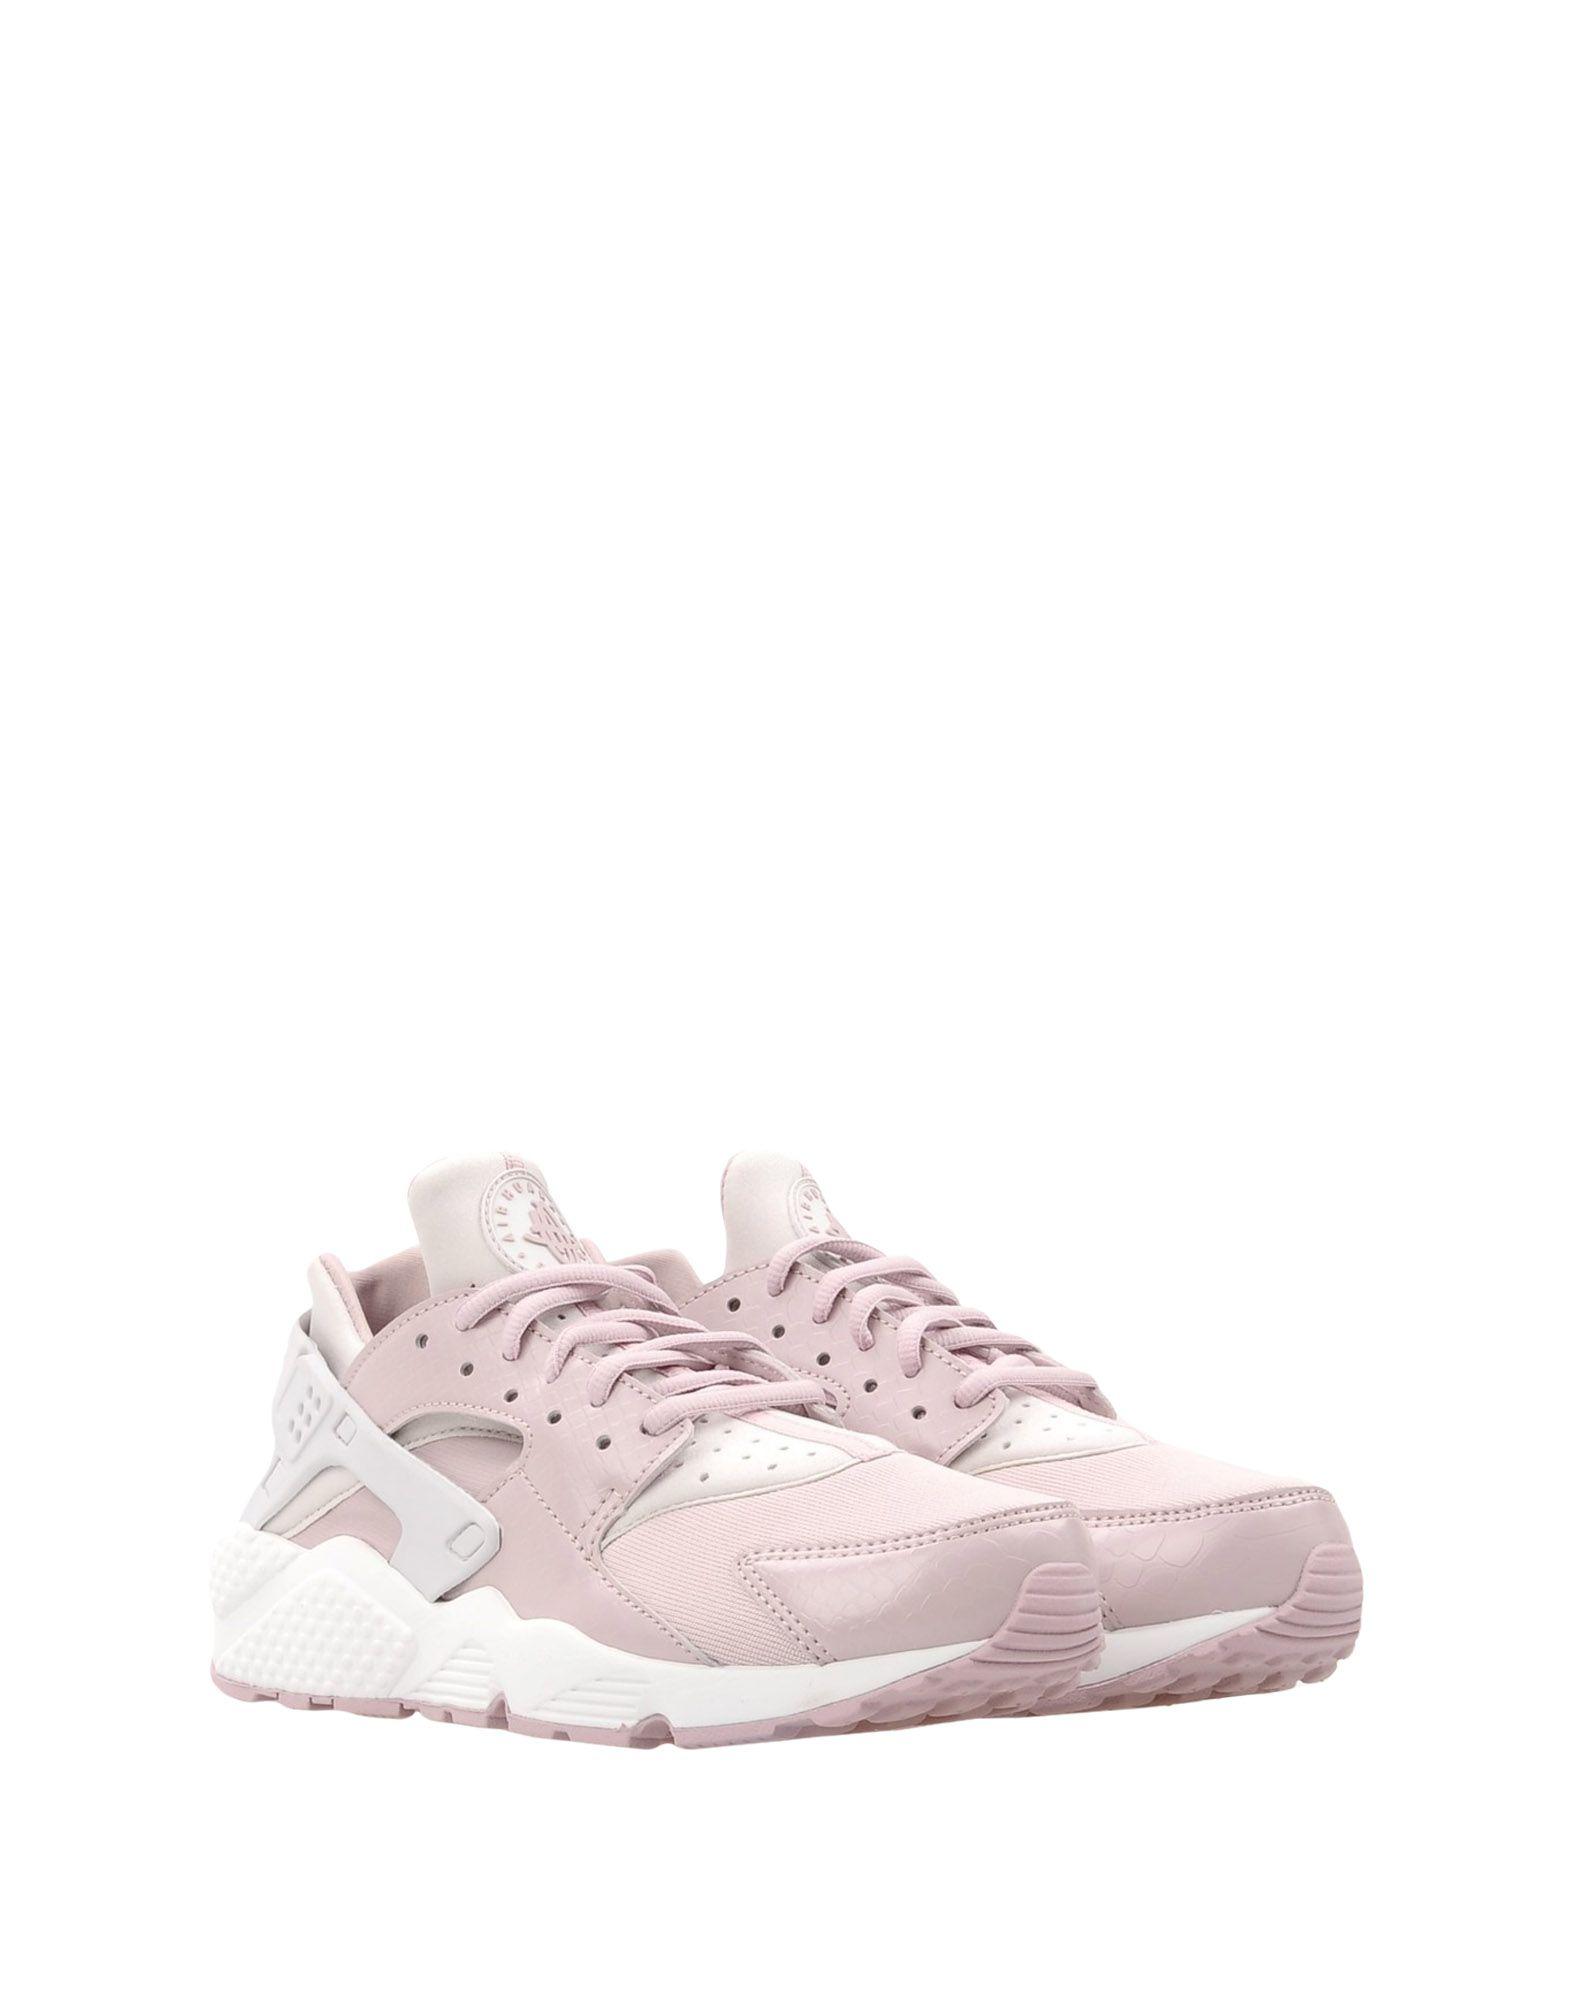 Sneakers Nike  Donna Air Huarache Run - Donna  - 11445799OQ 335715